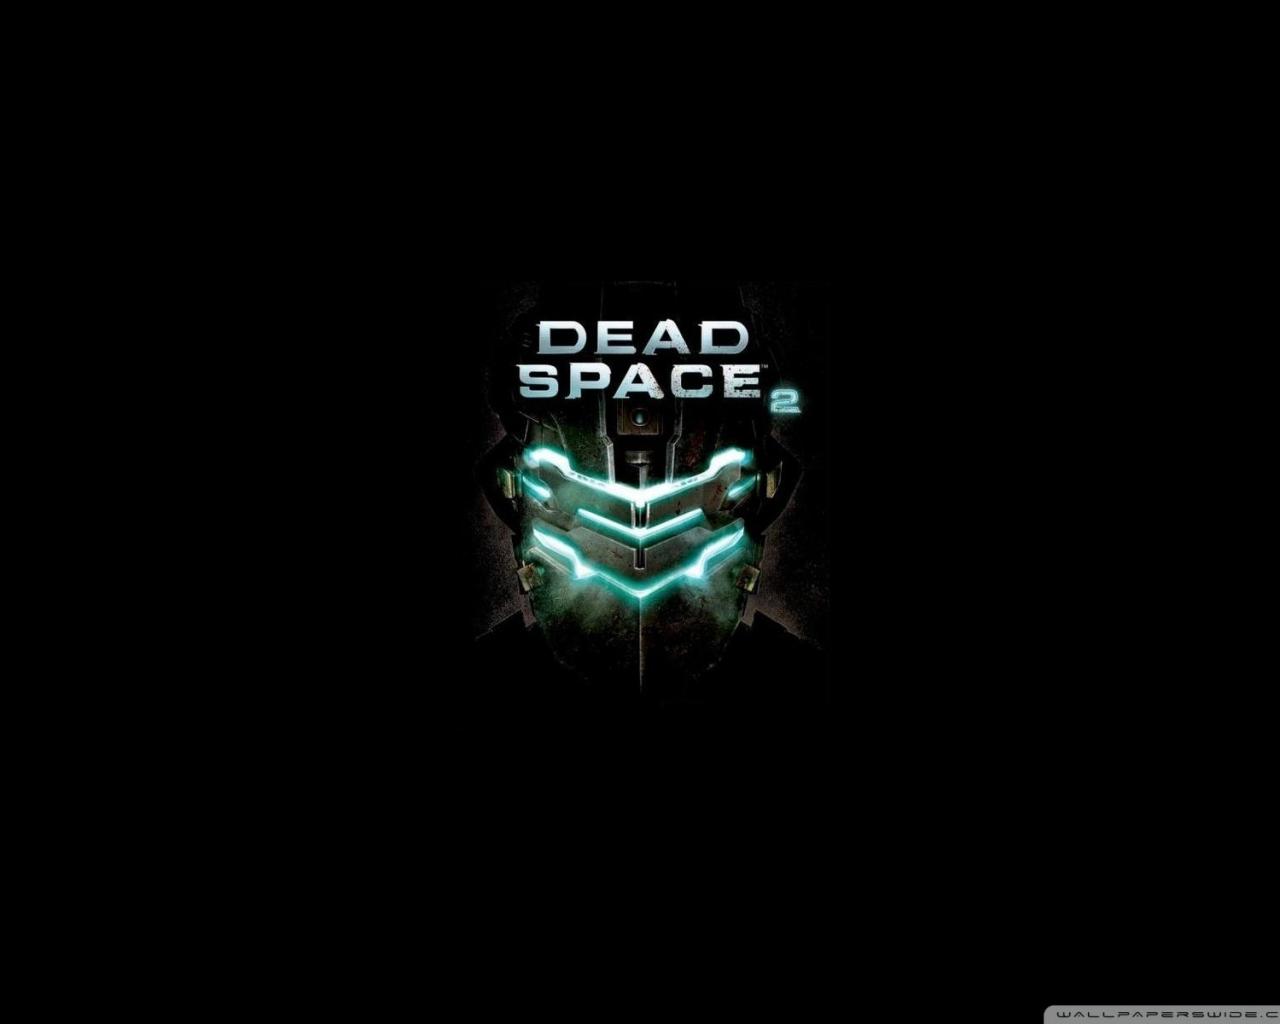 Dead Space 2 Mask wallpaper 1280x1024   Fondo hd 1960 1280x1024